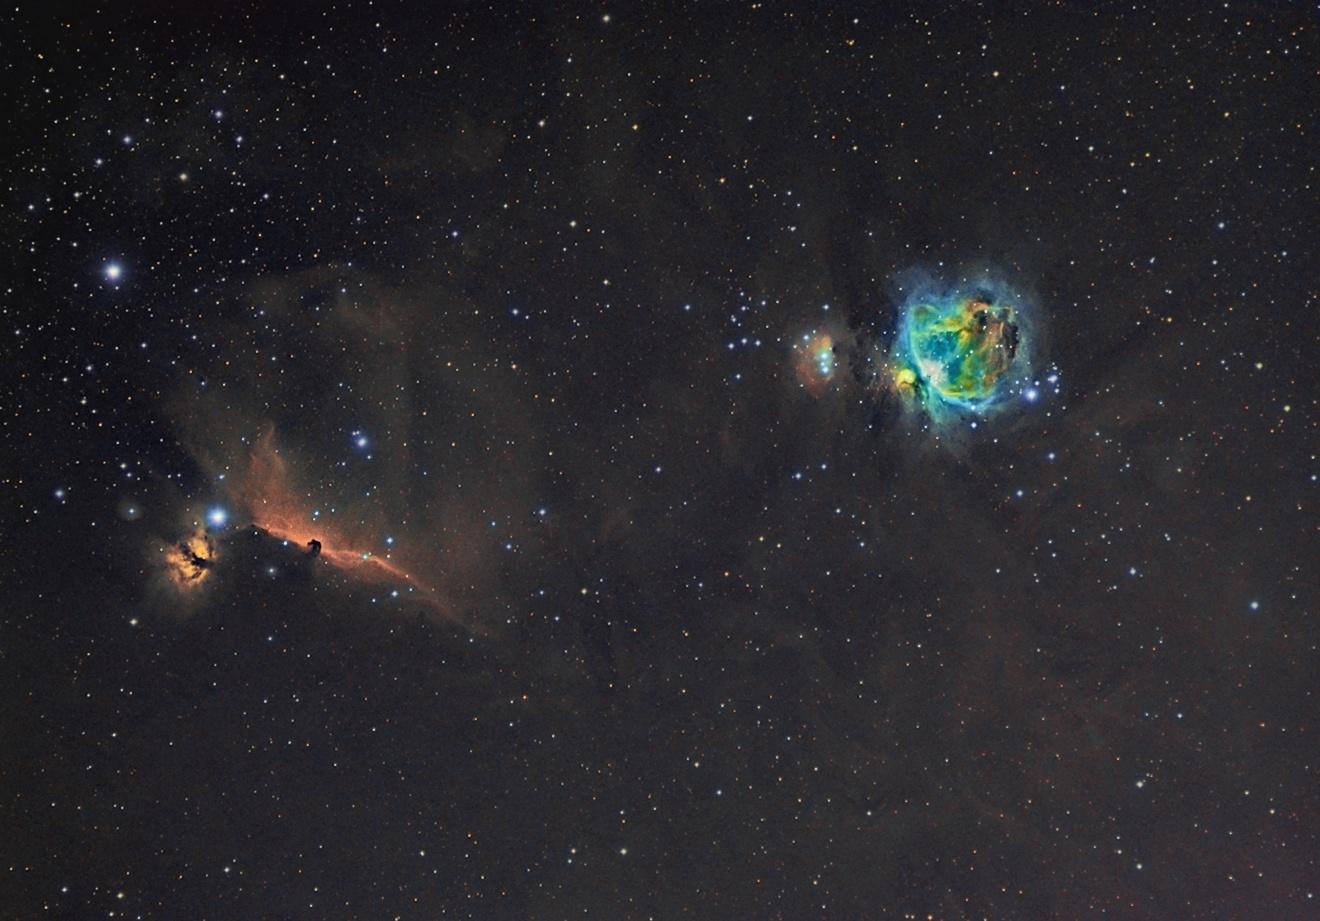 Orion_HSO_BW_blend1unsharp2.jpg